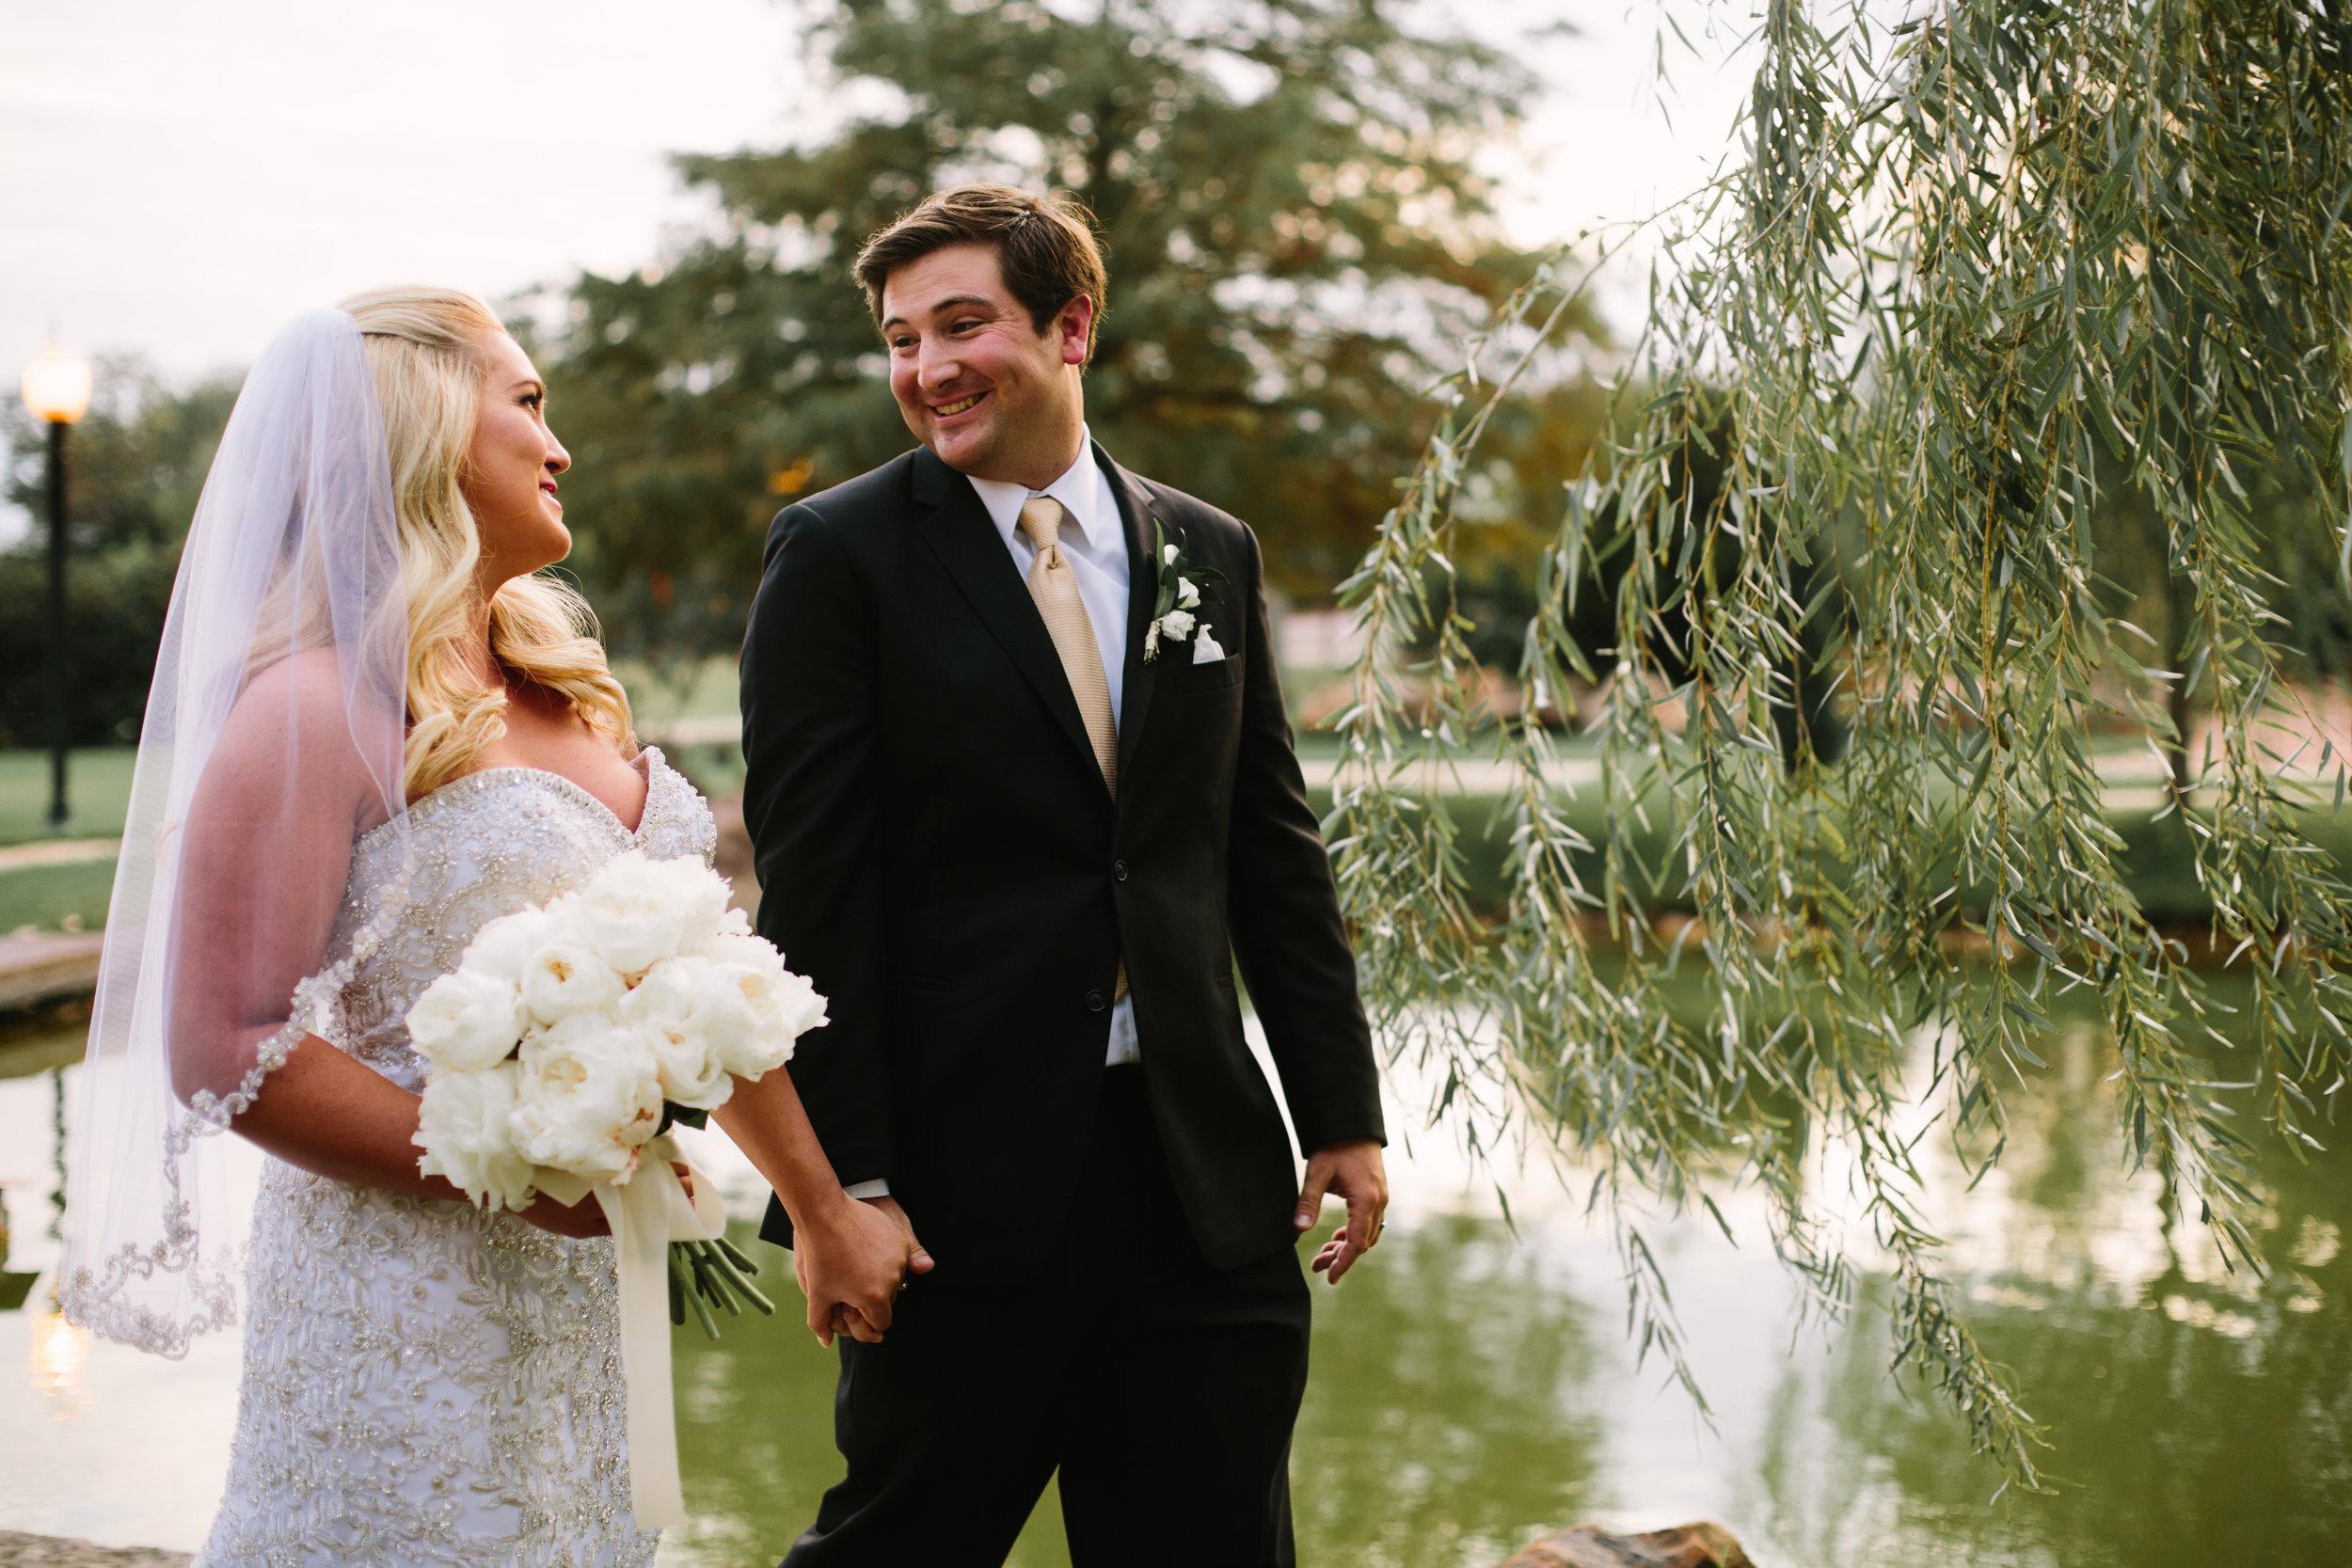 wedding 2-75.jpg